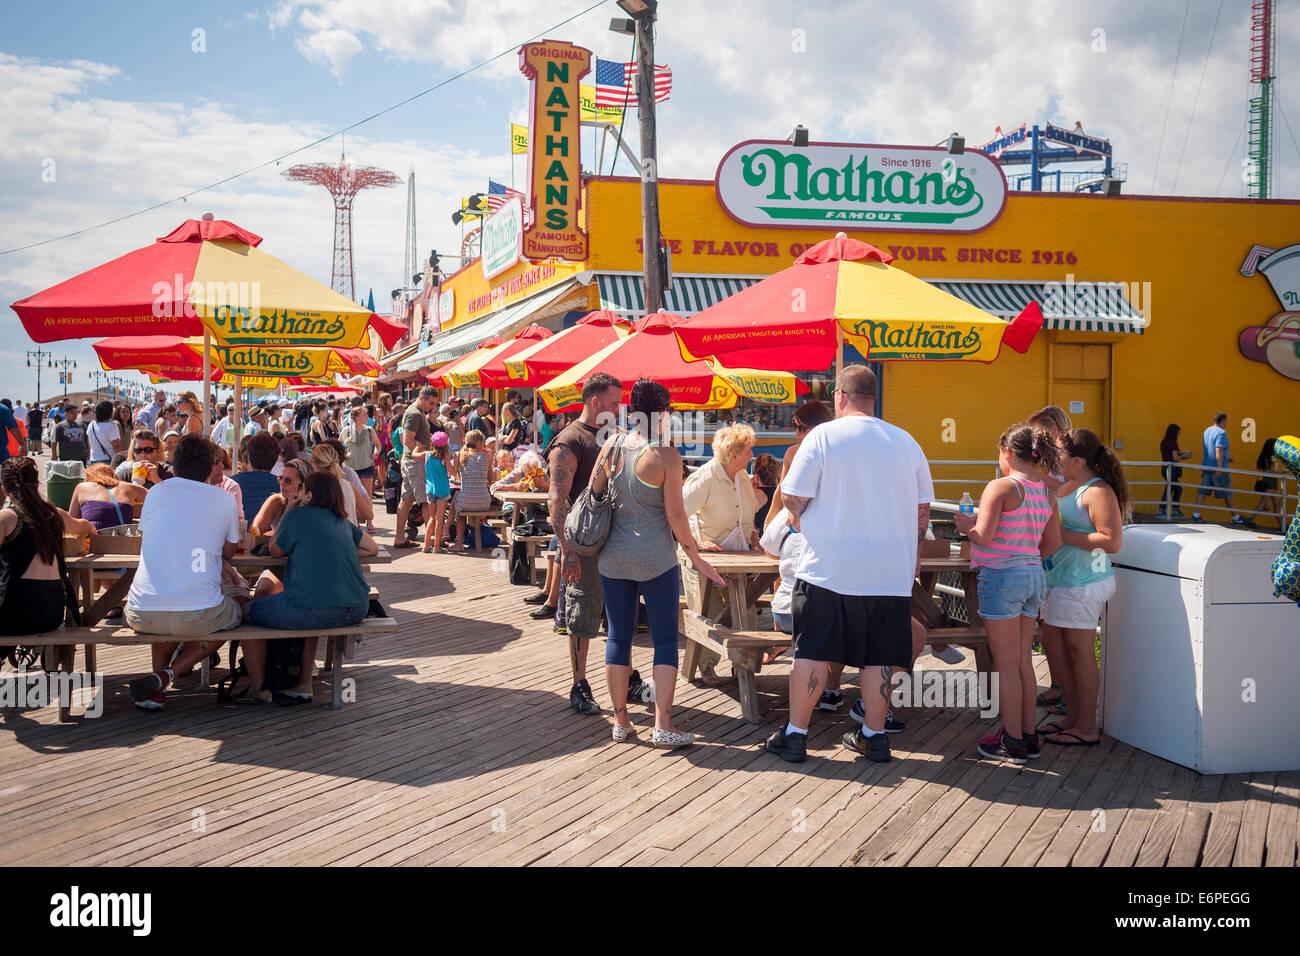 Los visitantes a Coney Island, en Nueva York, el domingo, 24 de agosto de 2014 parada en el famoso restaurante Nathan's Imagen De Stock